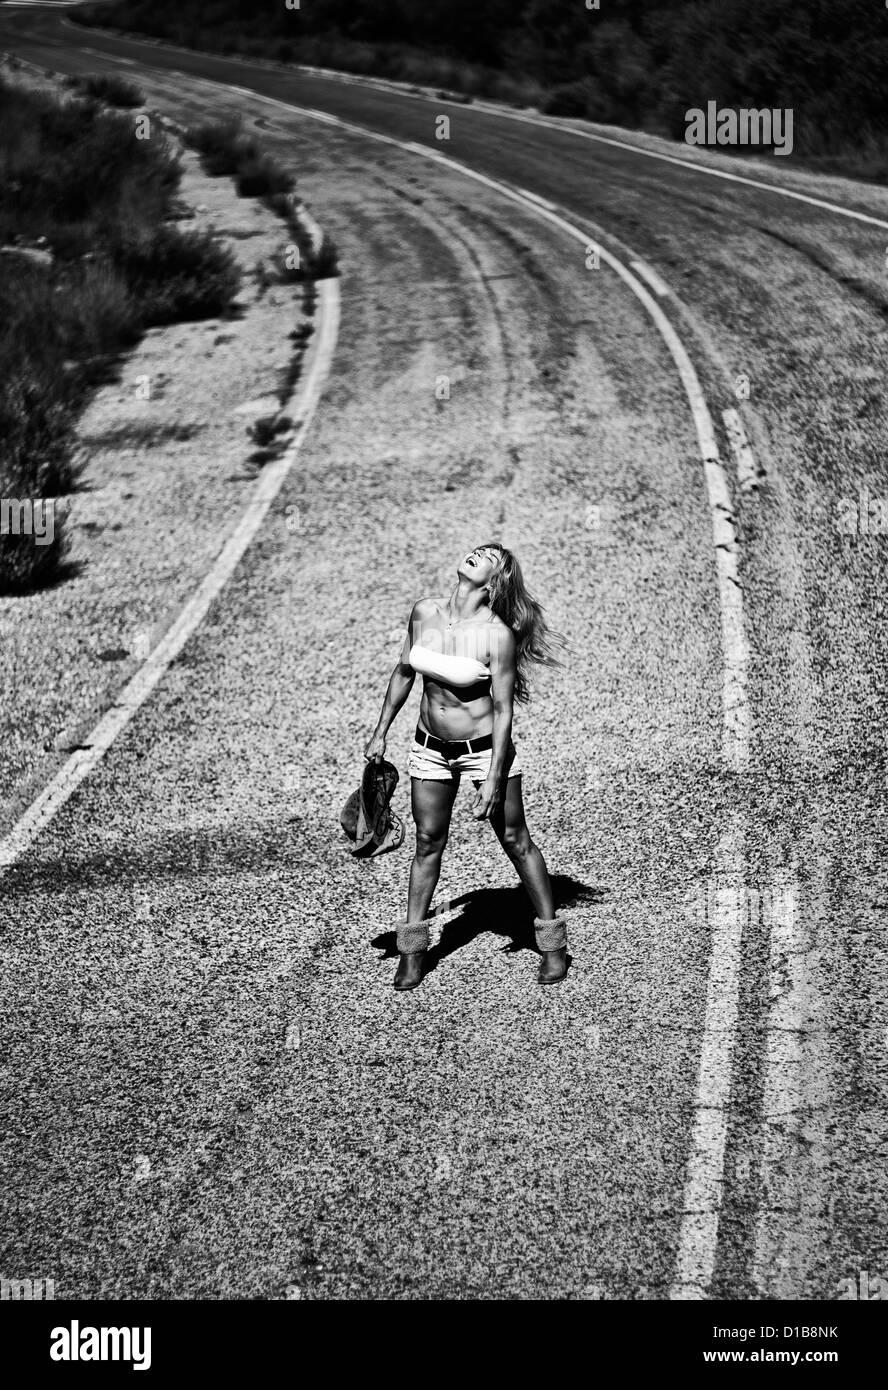 Mujer sola en la carretera. Imagen De Stock